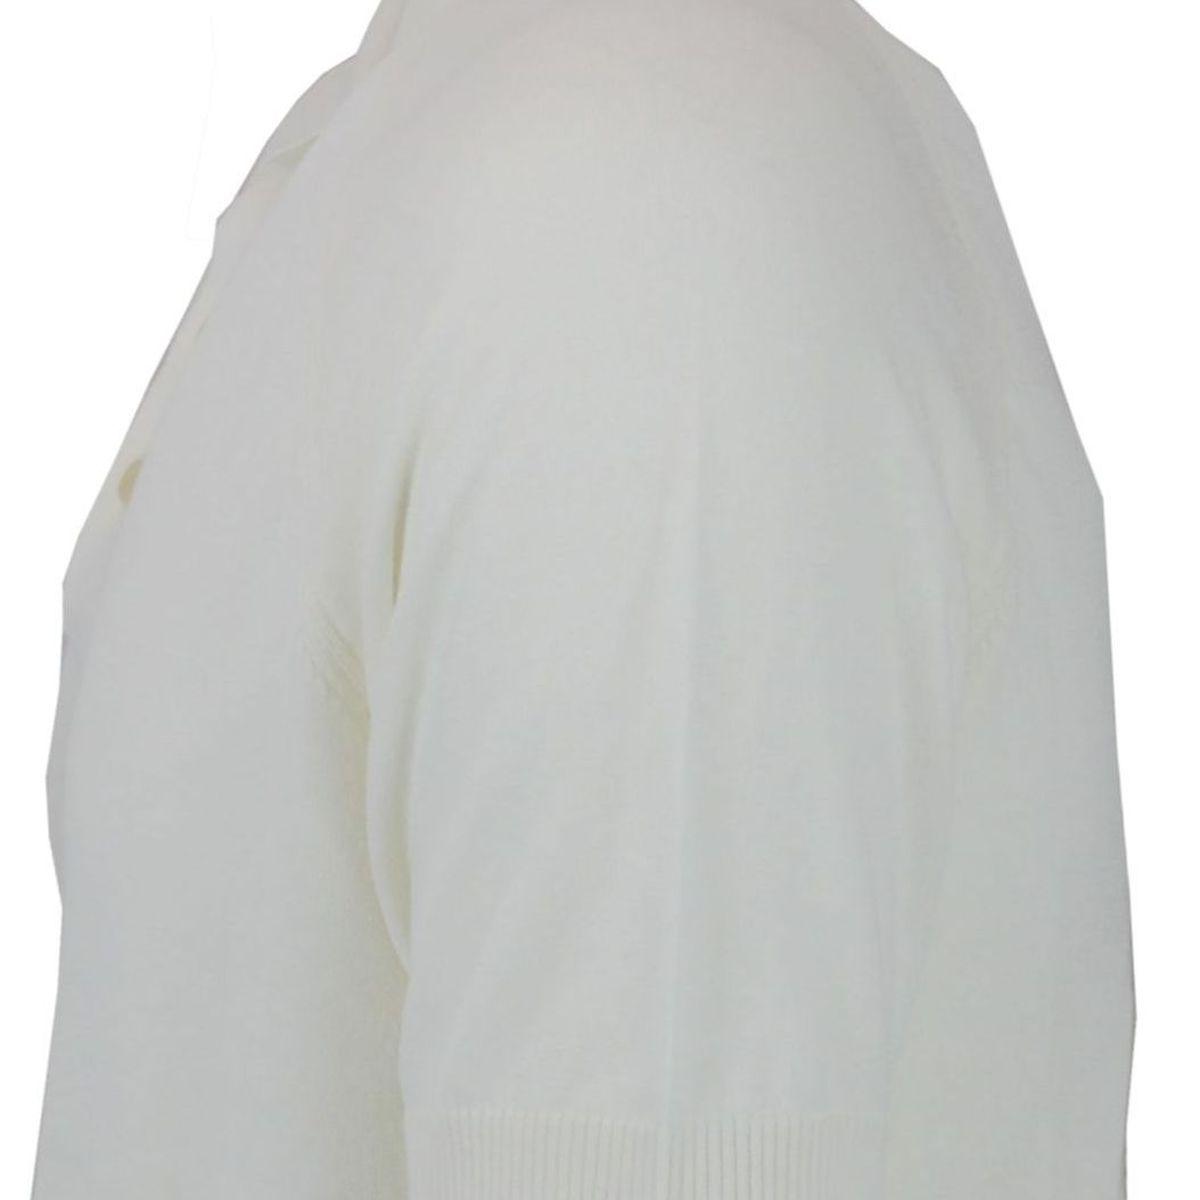 Polo a maniche corte in cotone Bianco Paolo Pecora Milano